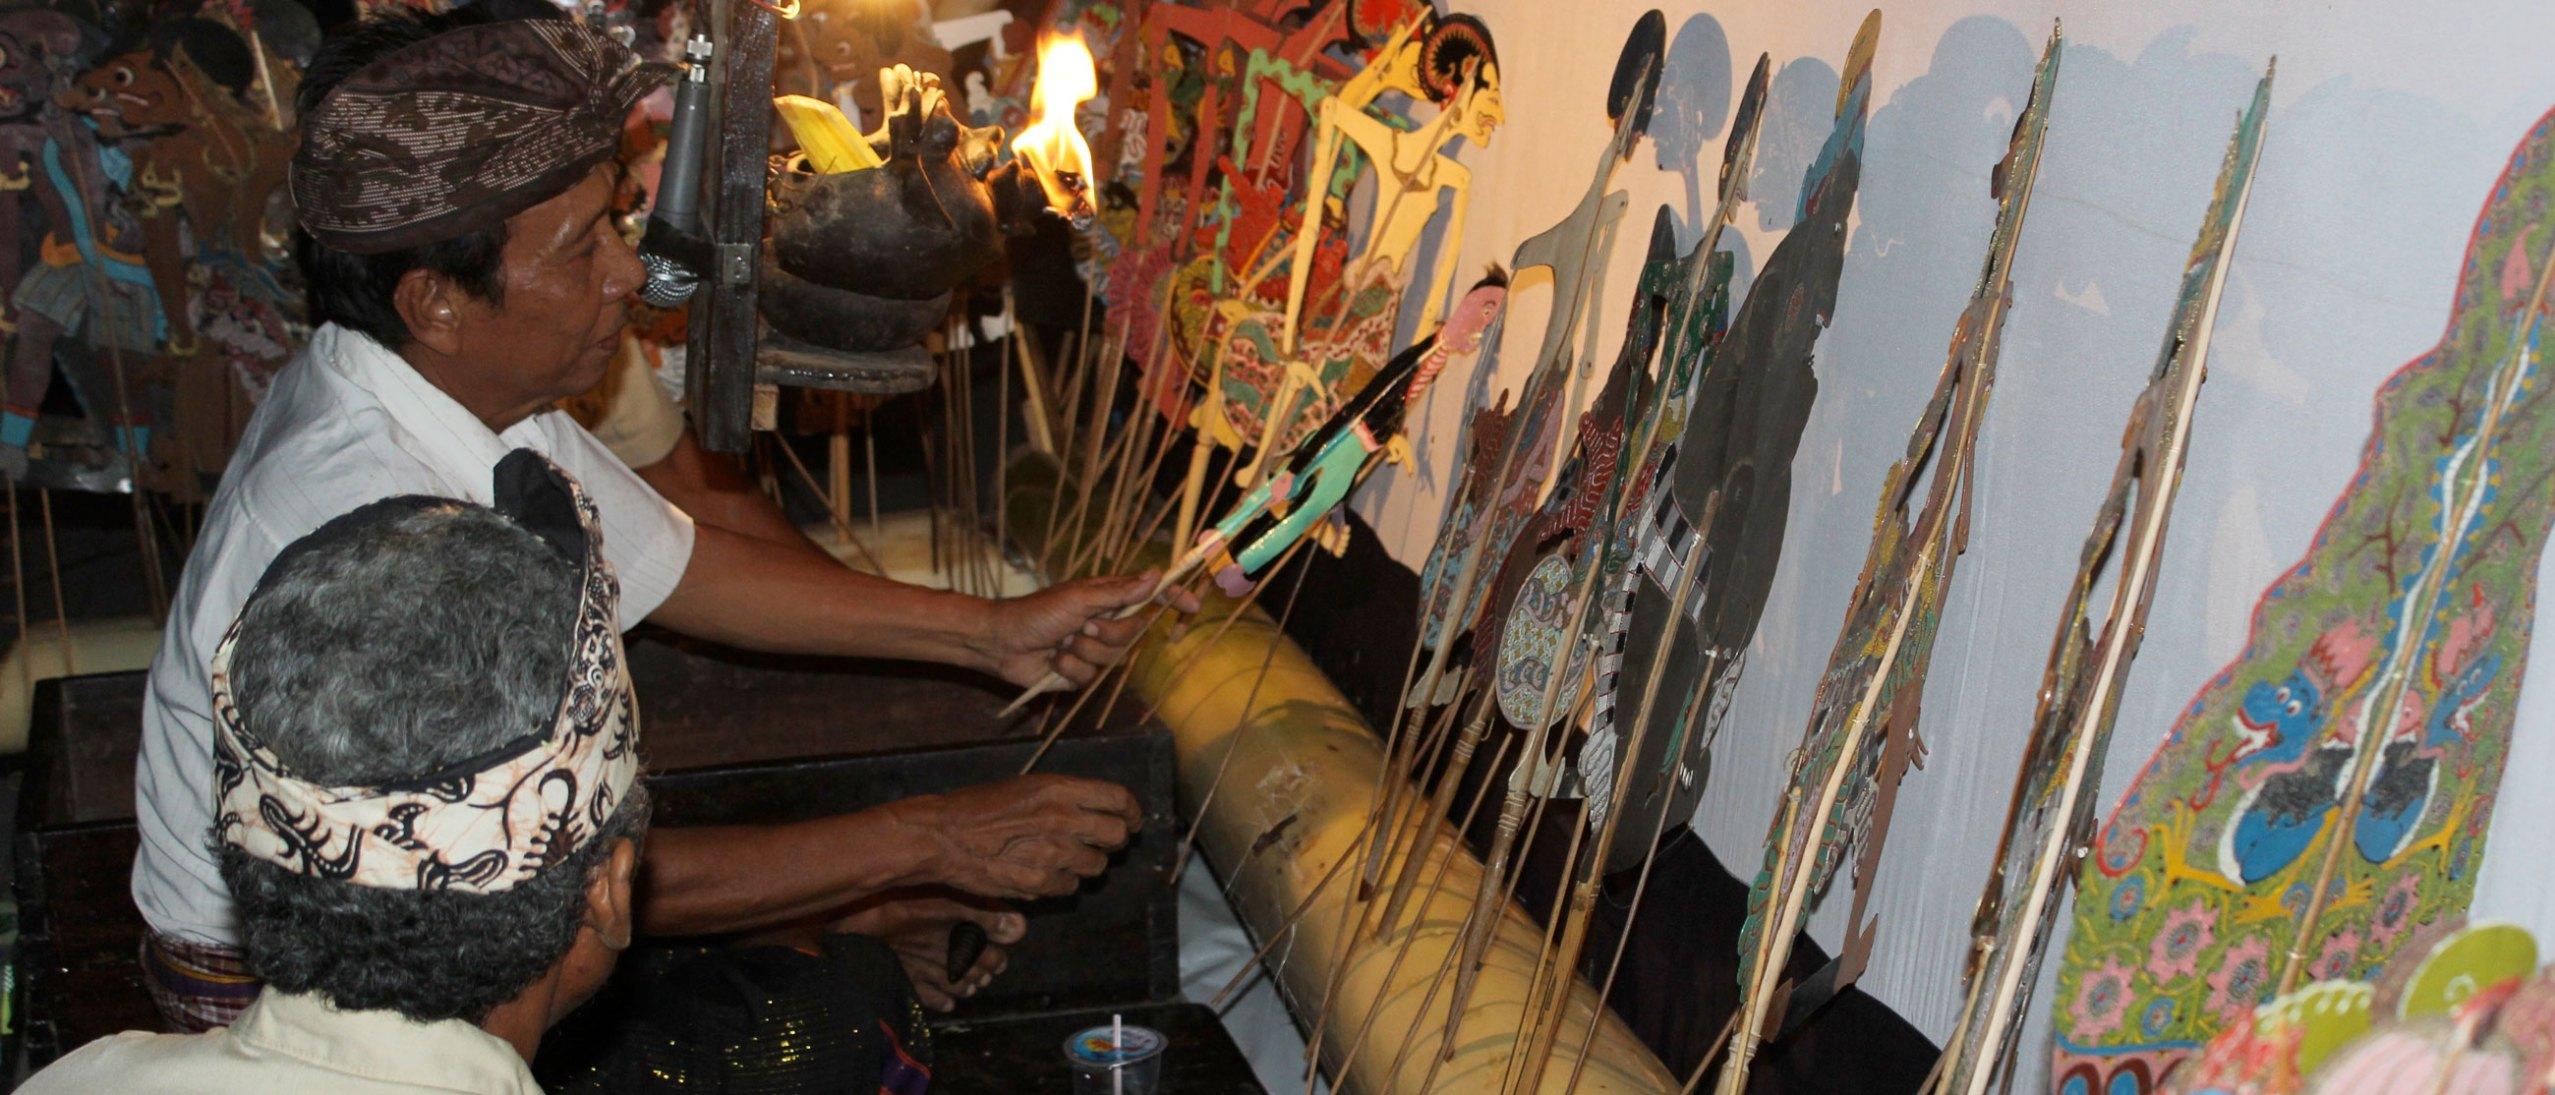 Man examining puppet